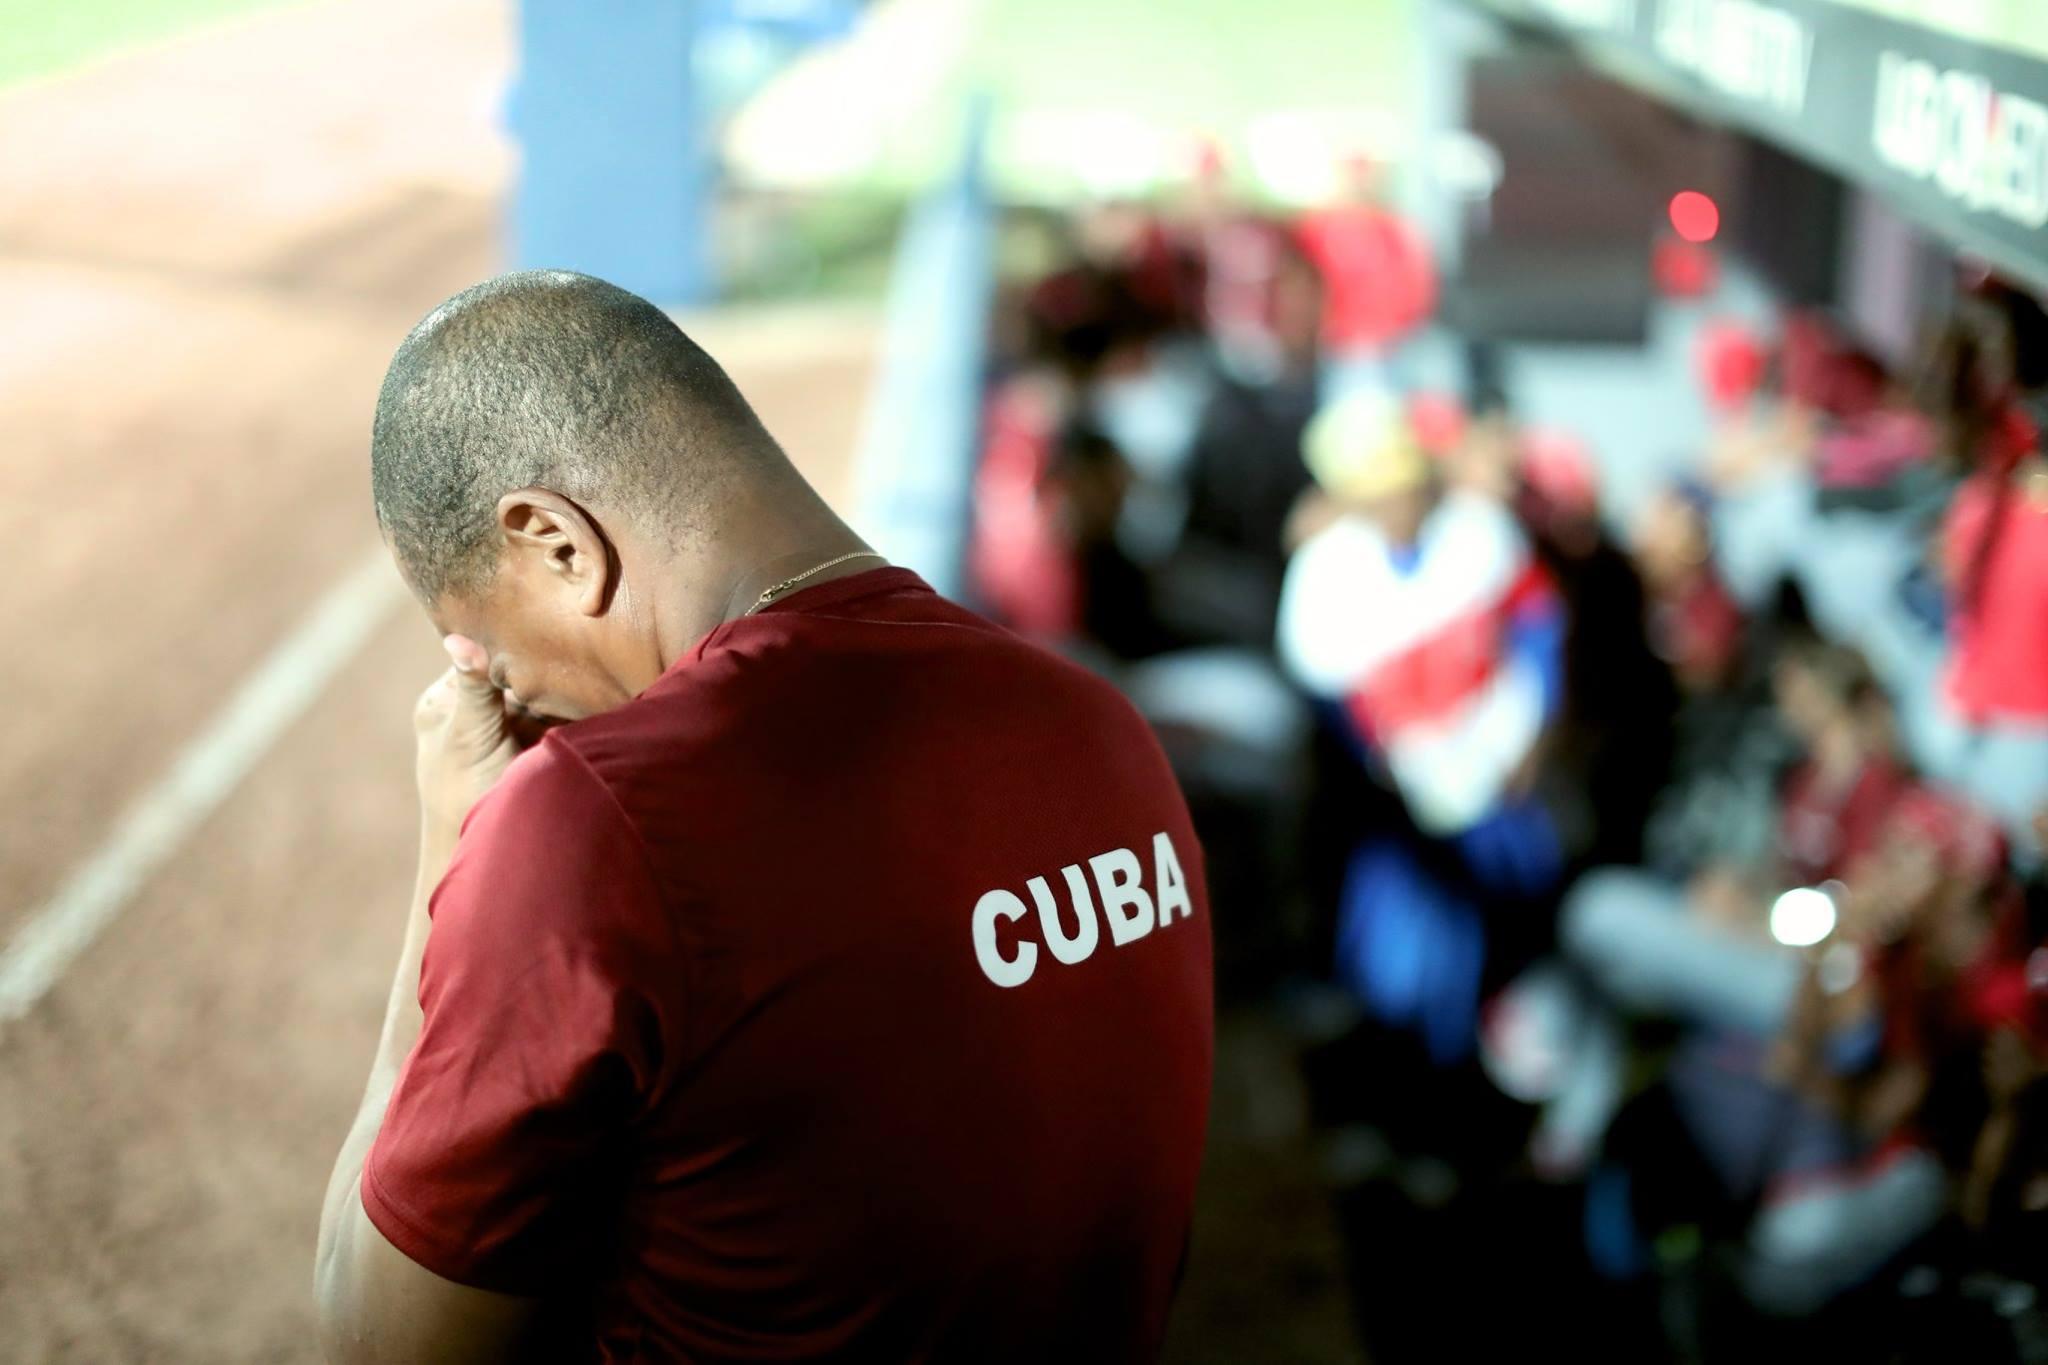 ¡Cubanitas caen ante Corea en un juego rompecorazones! (+ fotos y videos)